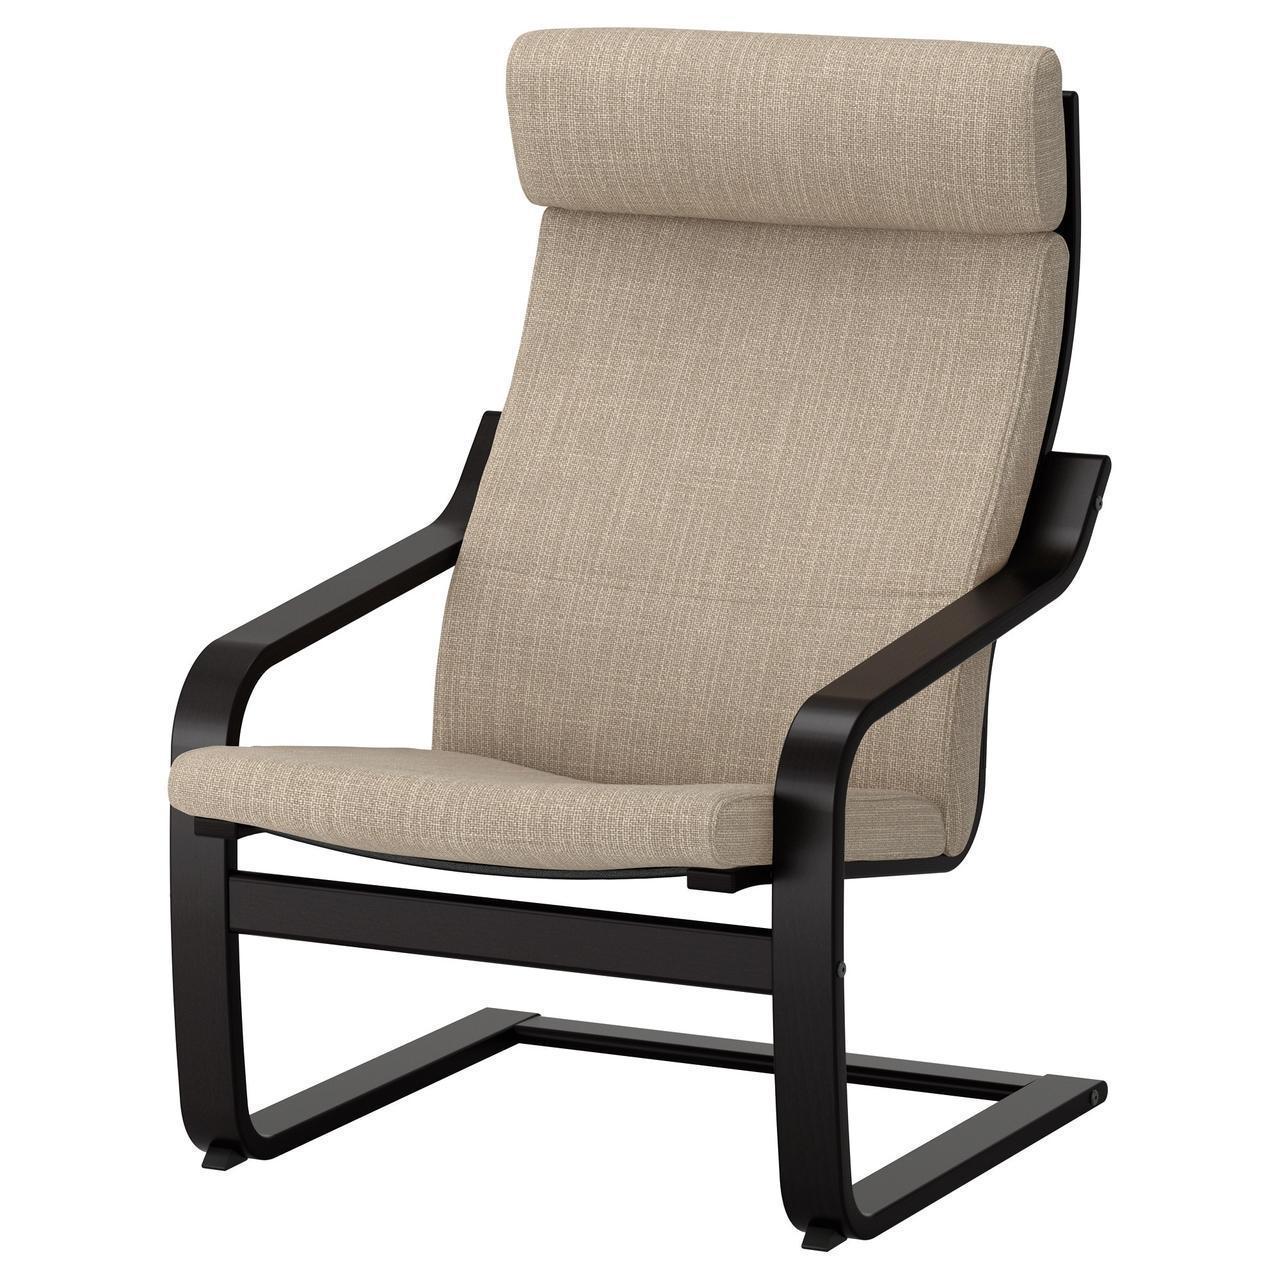 IKEA POANG Кресло, черно-коричневый, Hillared бежевый  (691.977.54)